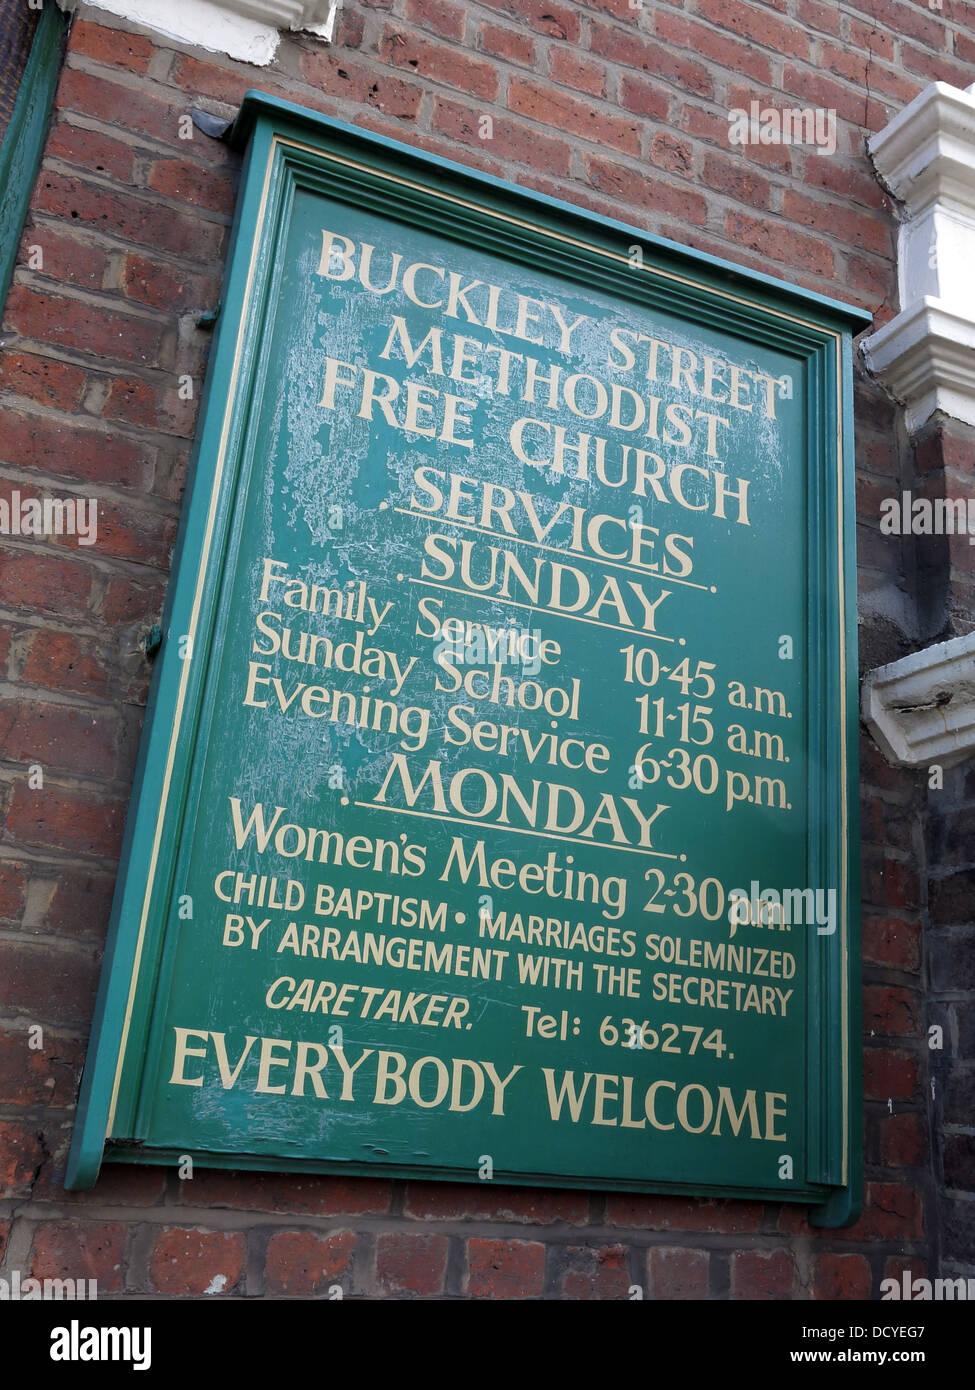 Dieses Stockfoto: Buckley St methodistischen Freikirche, Warrington, Cheshire, England, UK WA2 7NS - DCYEG7